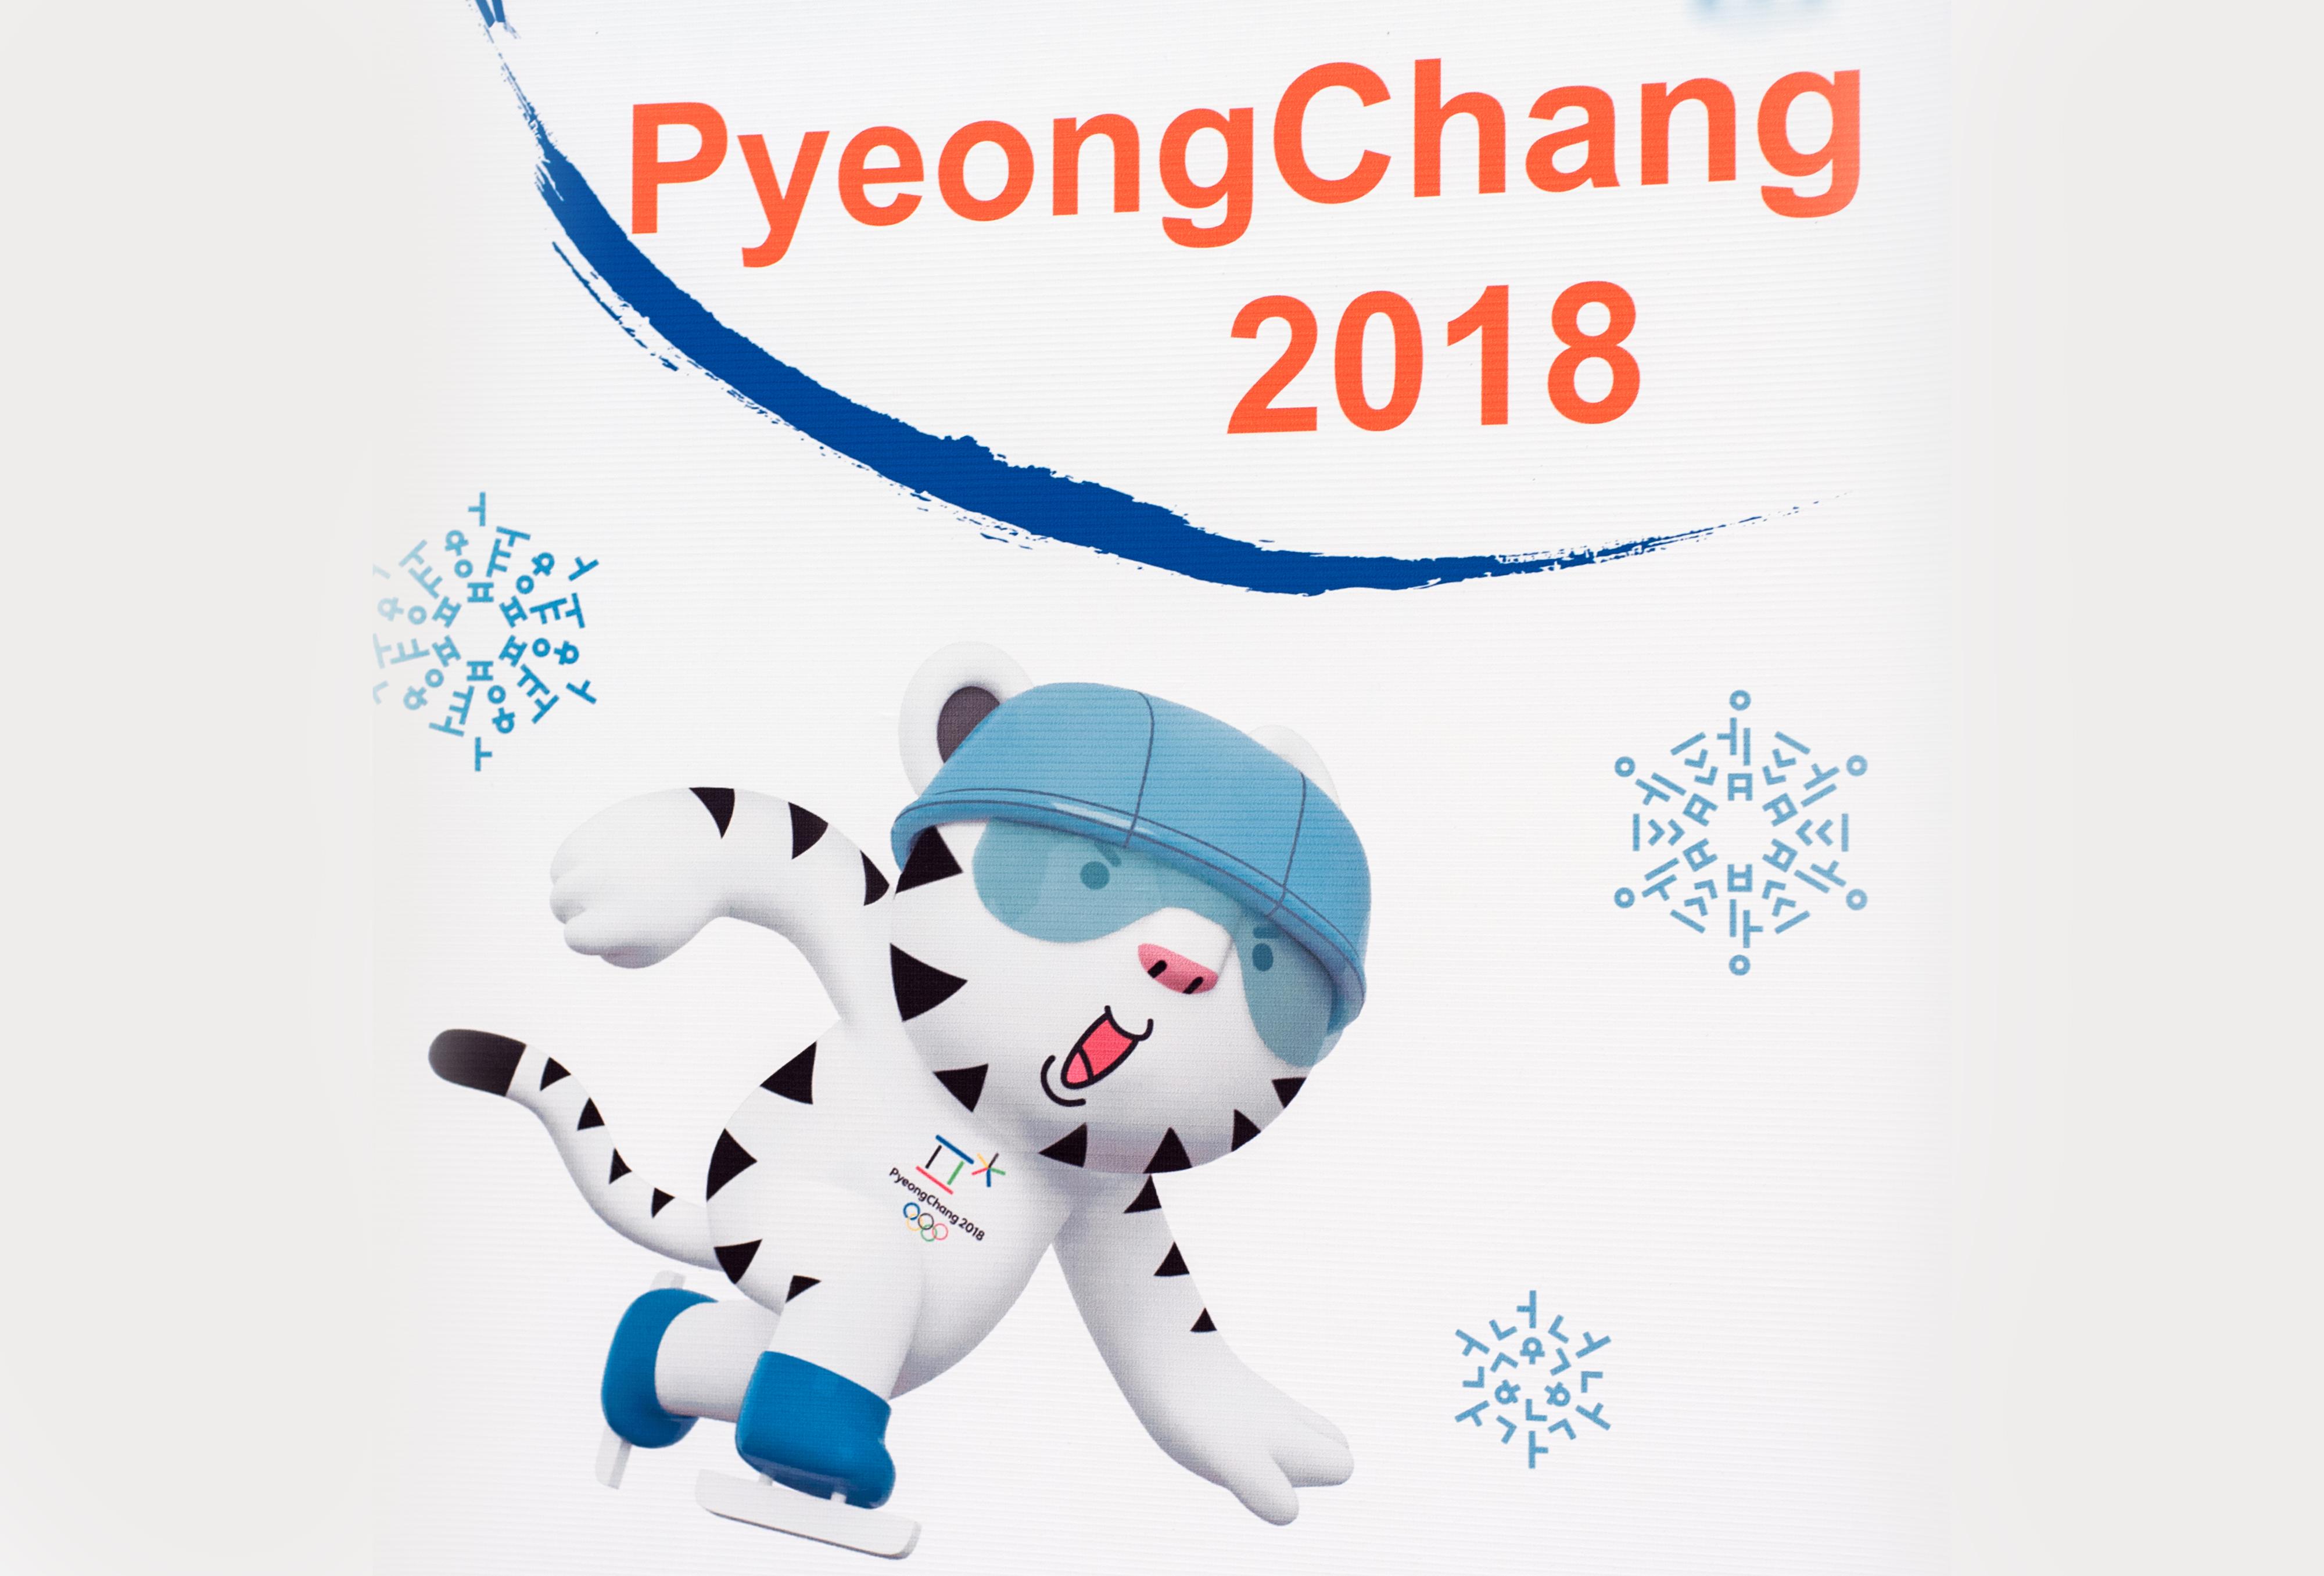 С. Корея и олимпиадата: бомби, медийни затъмнения и слава